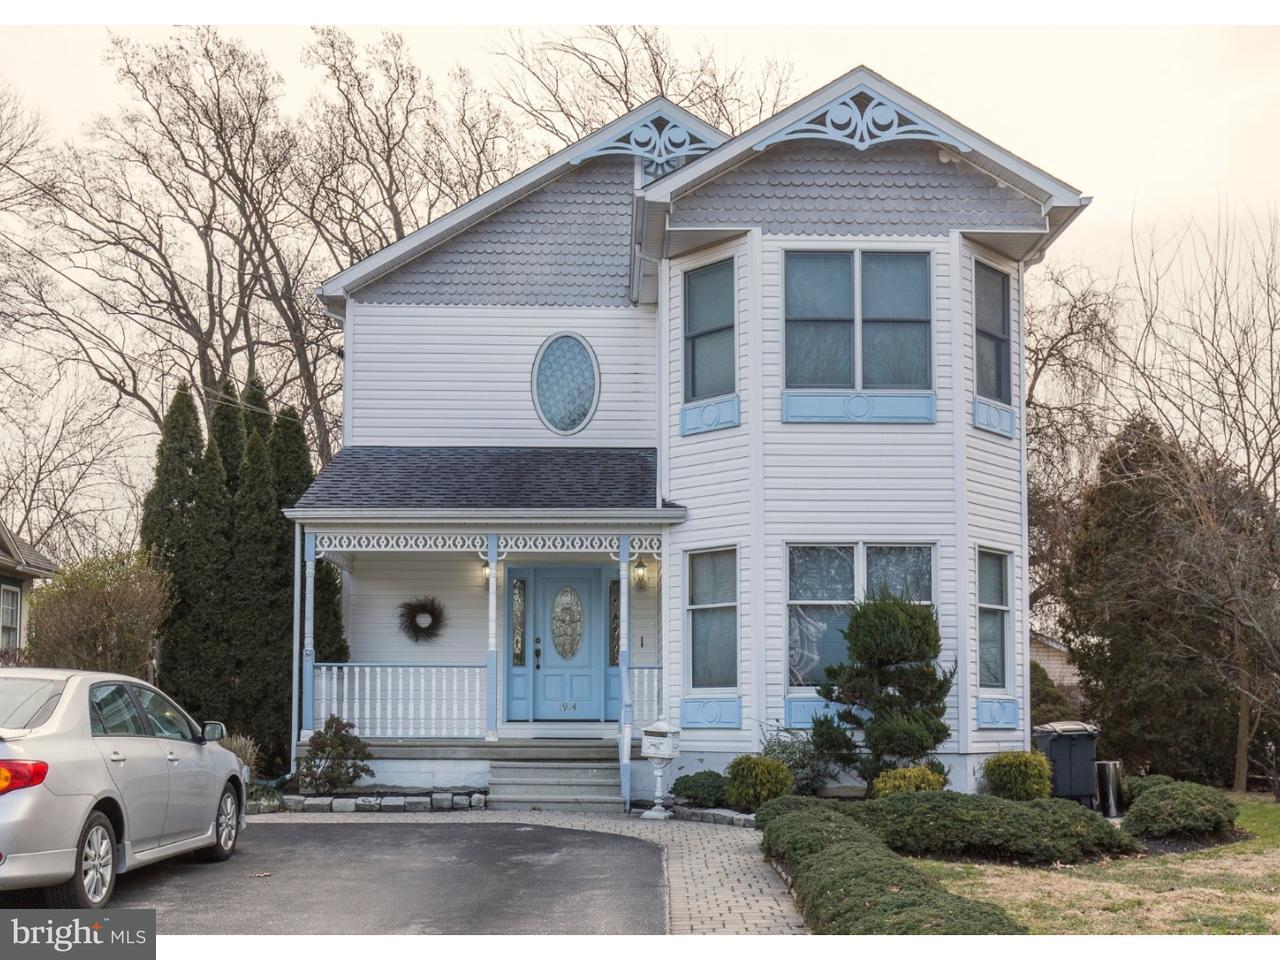 Maison unifamiliale pour l Vente à 1914 PERSHING Avenue Morton, Pennsylvanie 19070 États-Unis